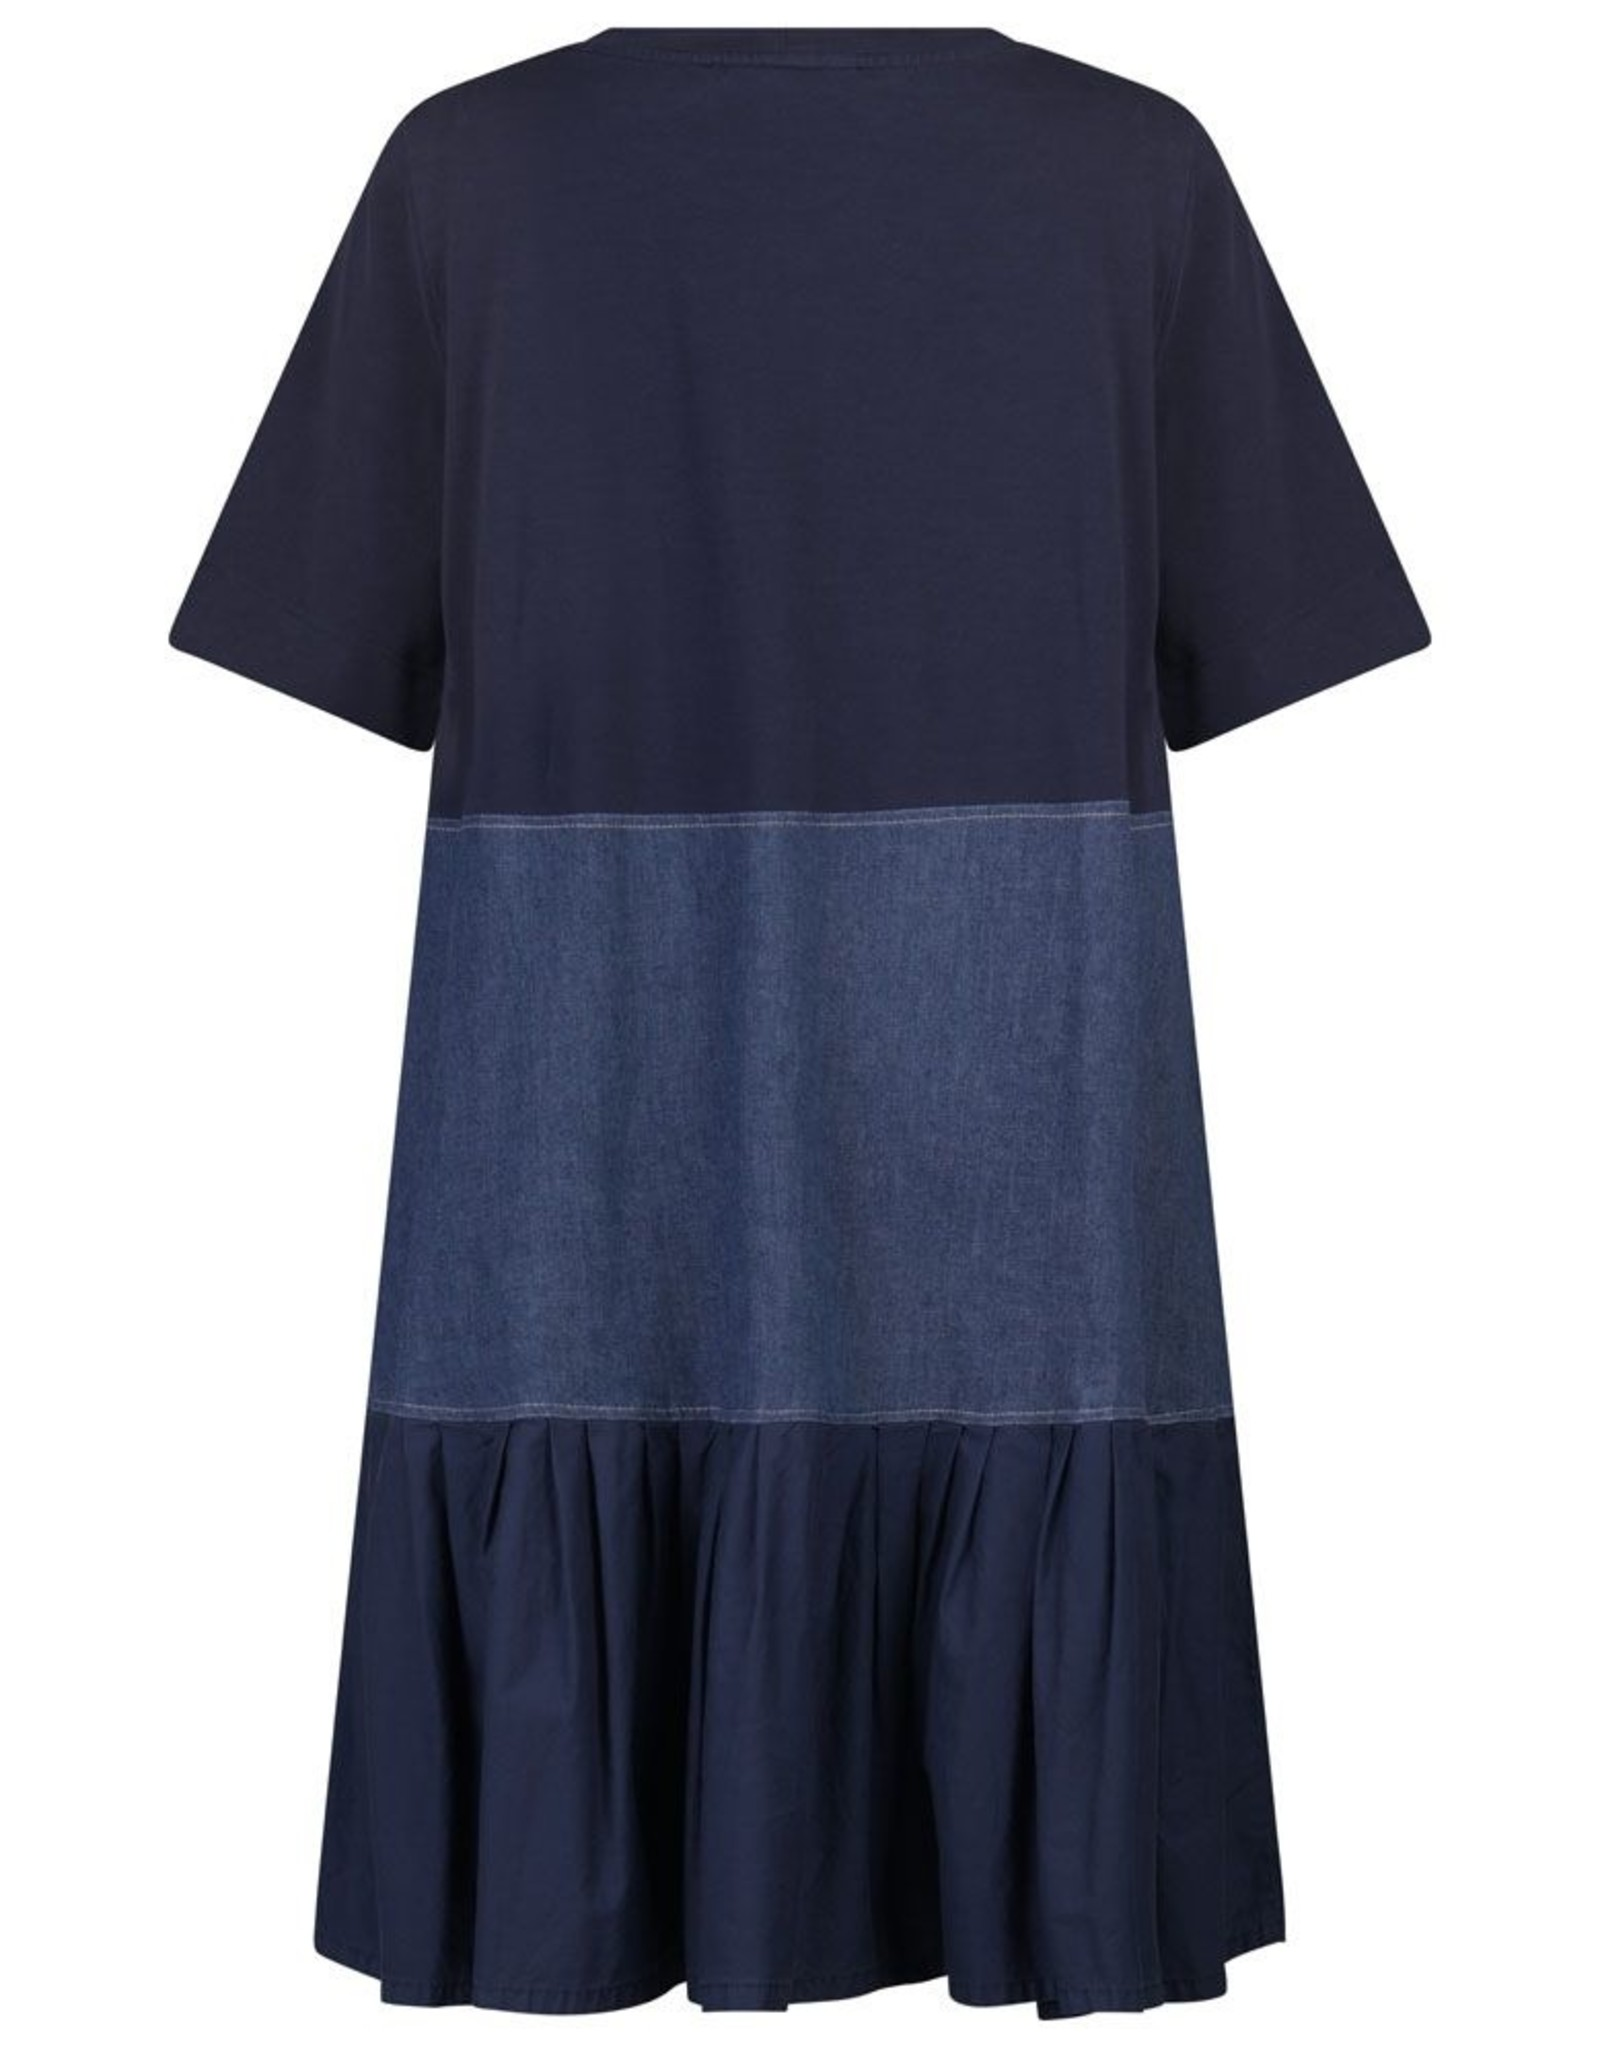 ALEMBIKA ALEMBIKA DENIM DRESS SD214D